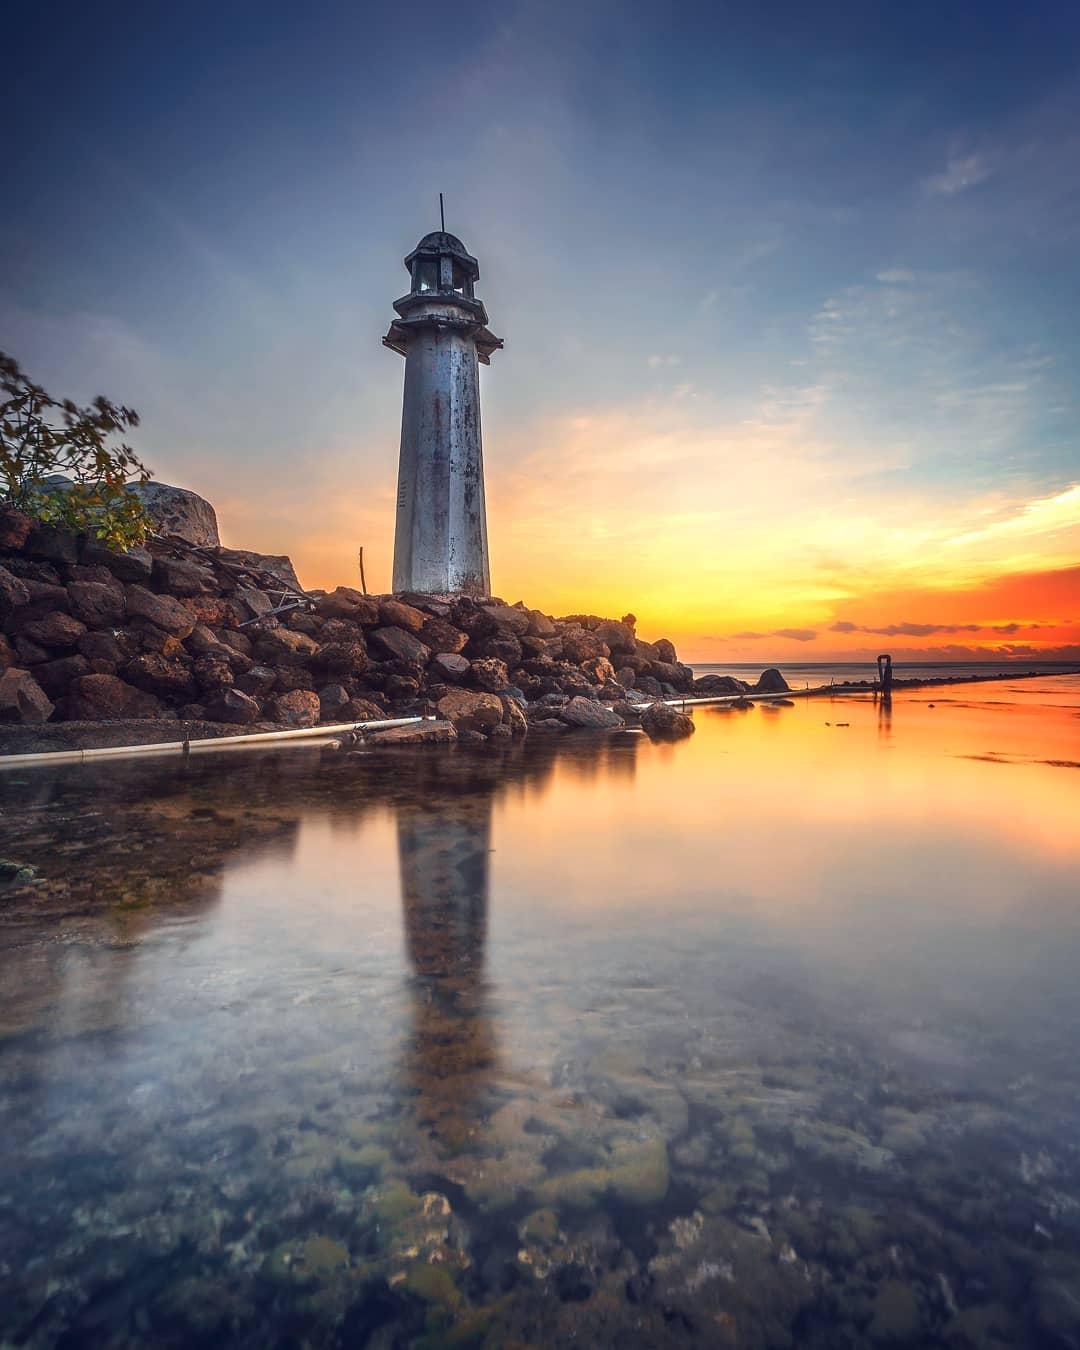 Потрясающие пейзажи Индонезии от Лонго Хиндарто